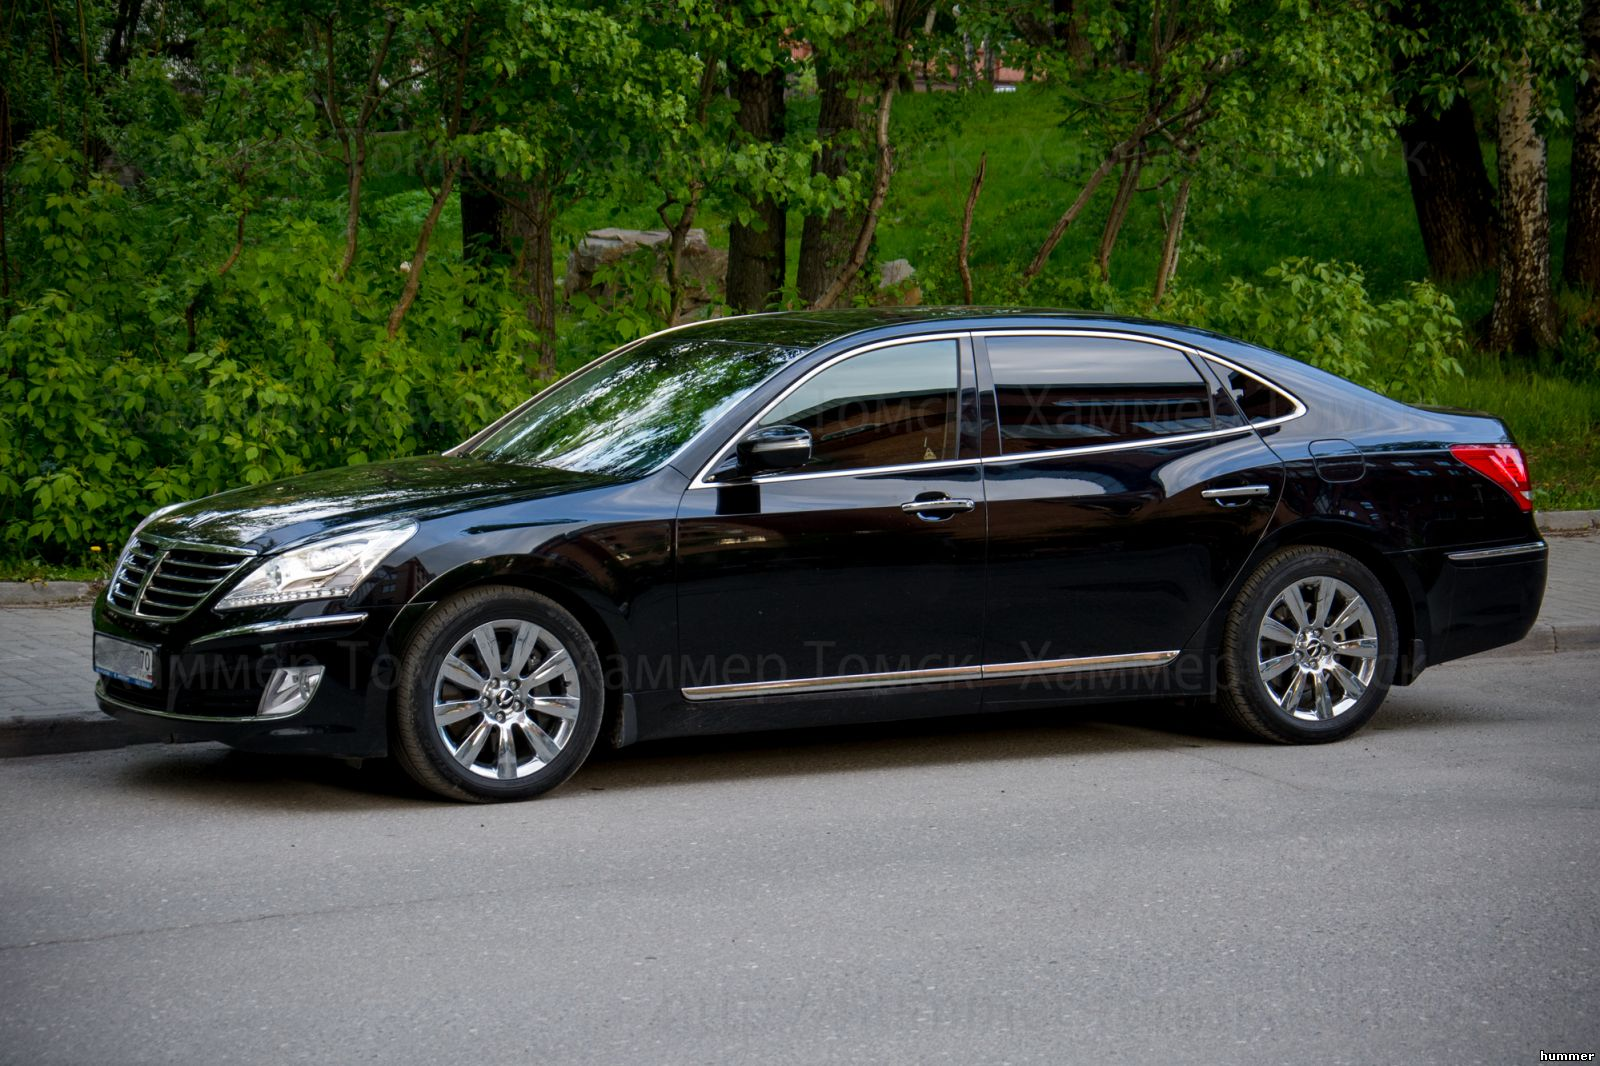 Стоимость аренды автомобиля 1500 руб